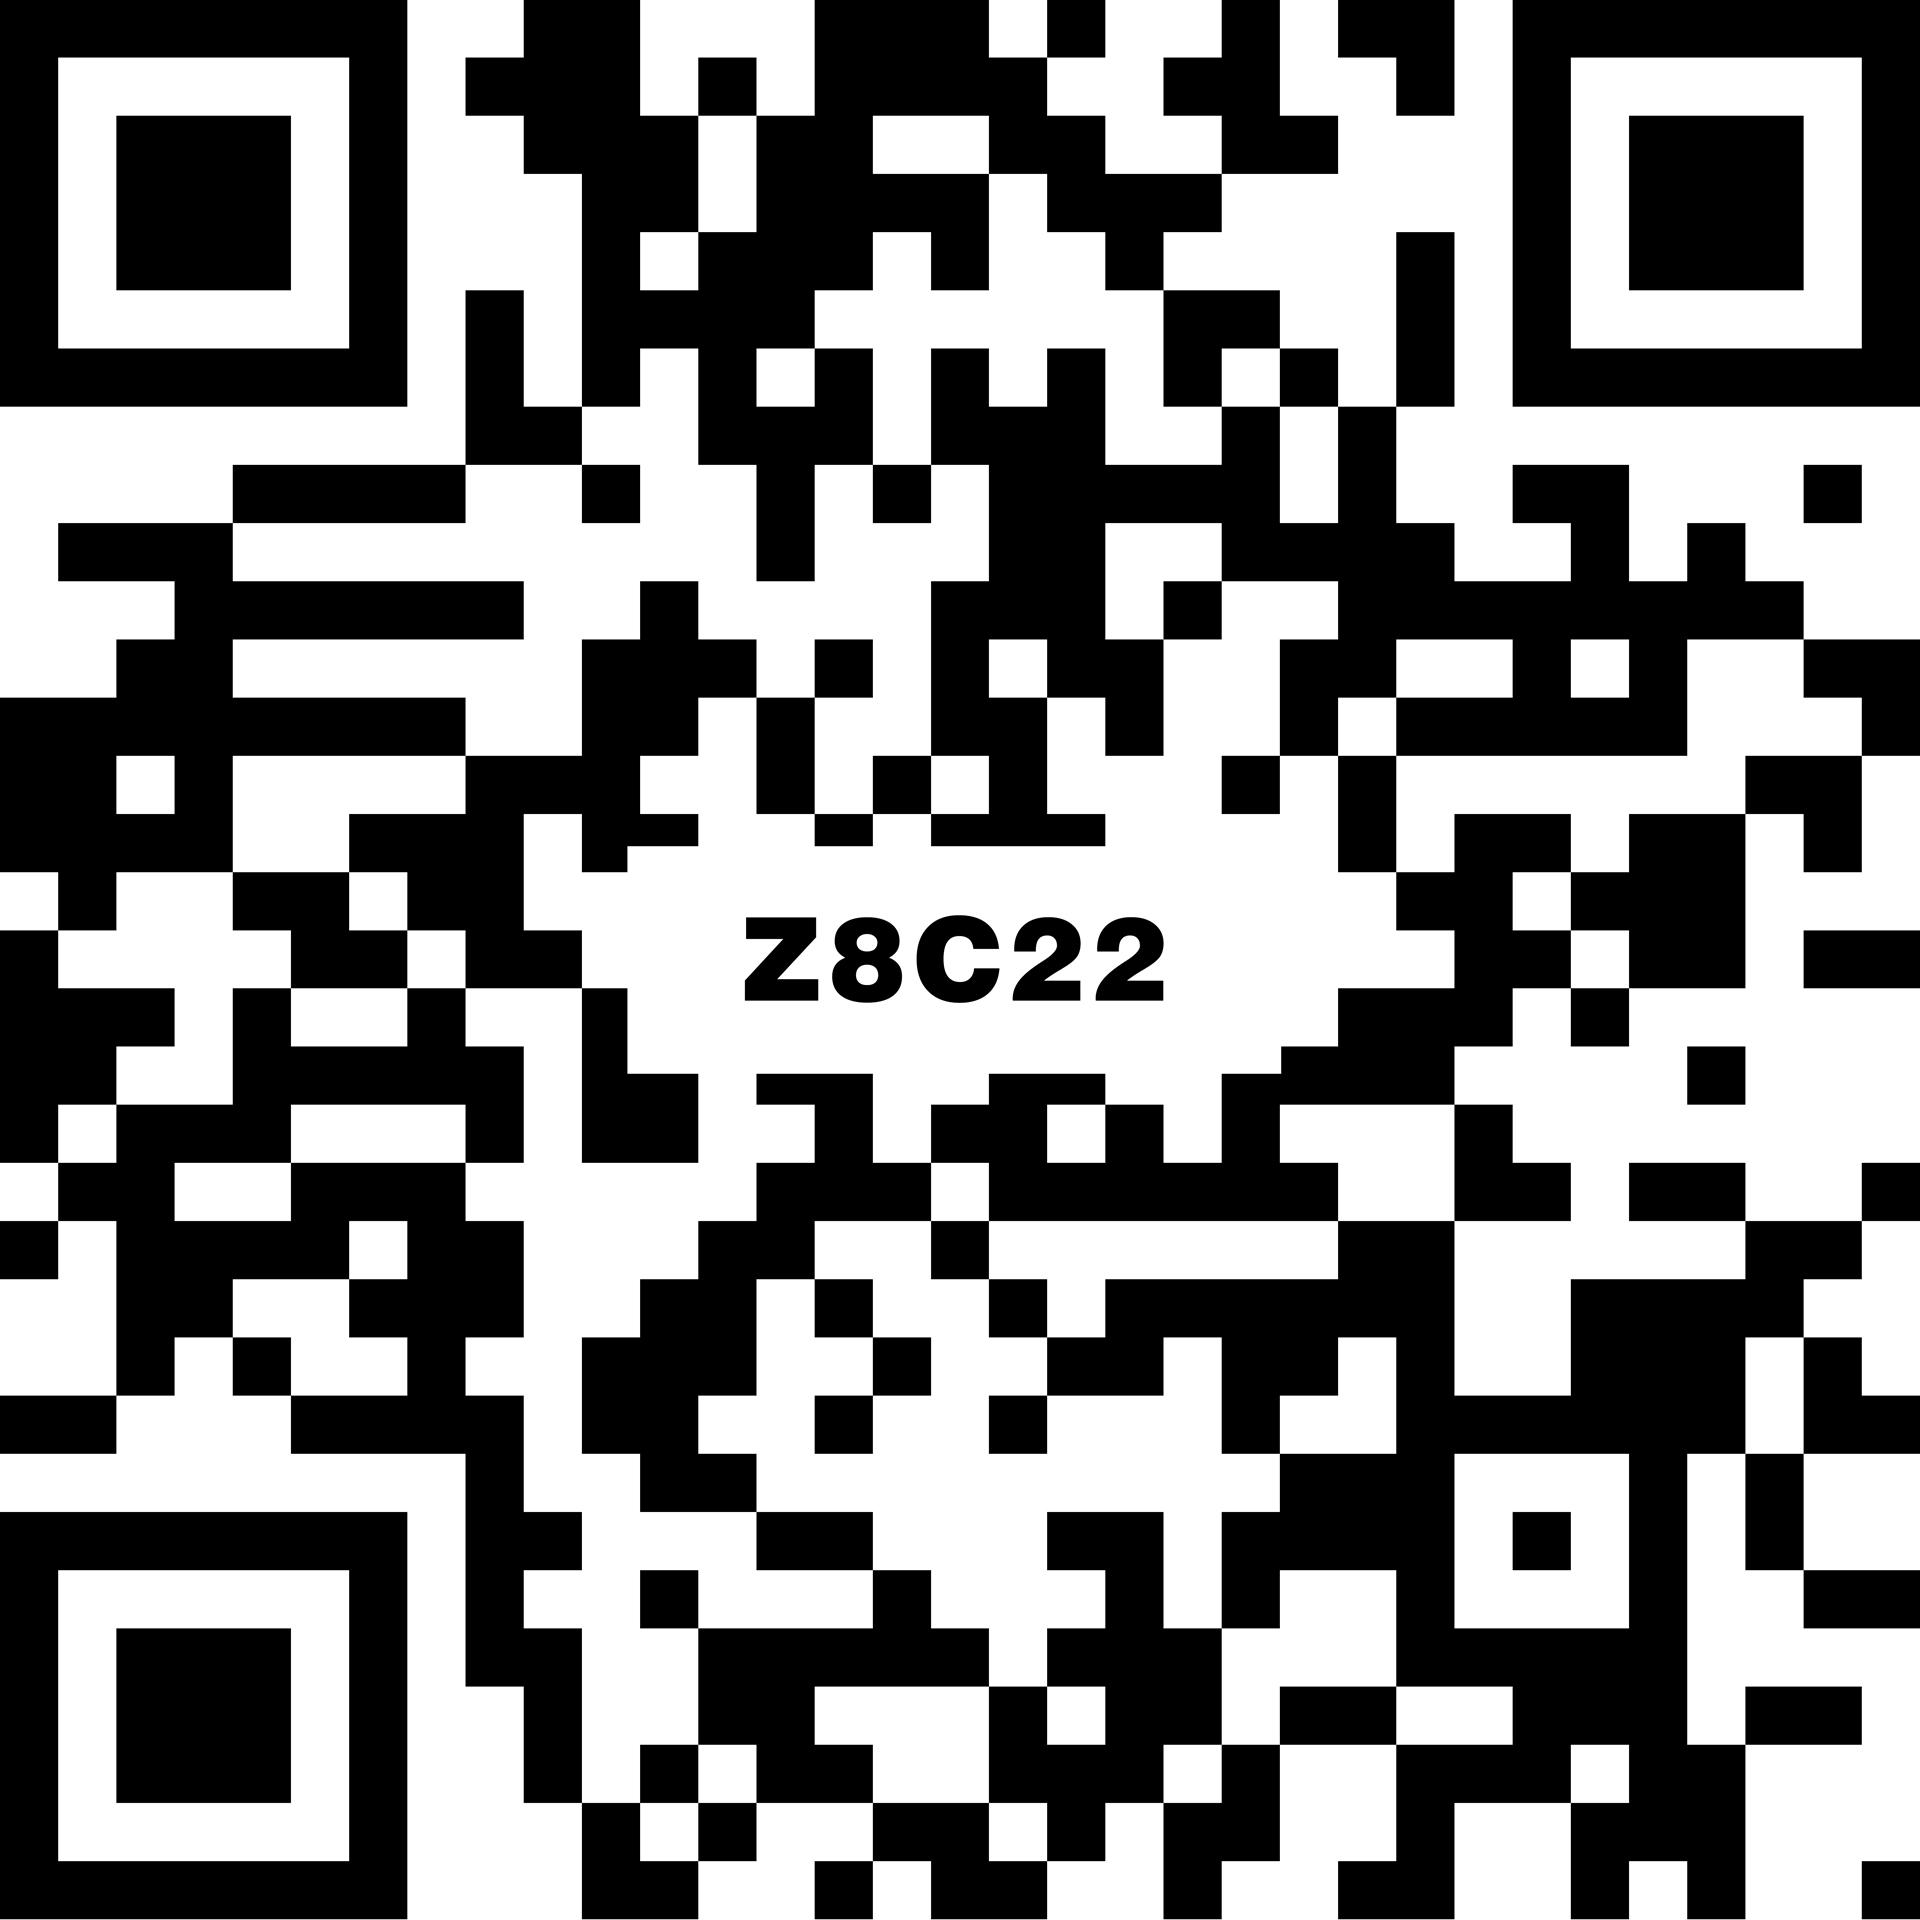 Z8C22